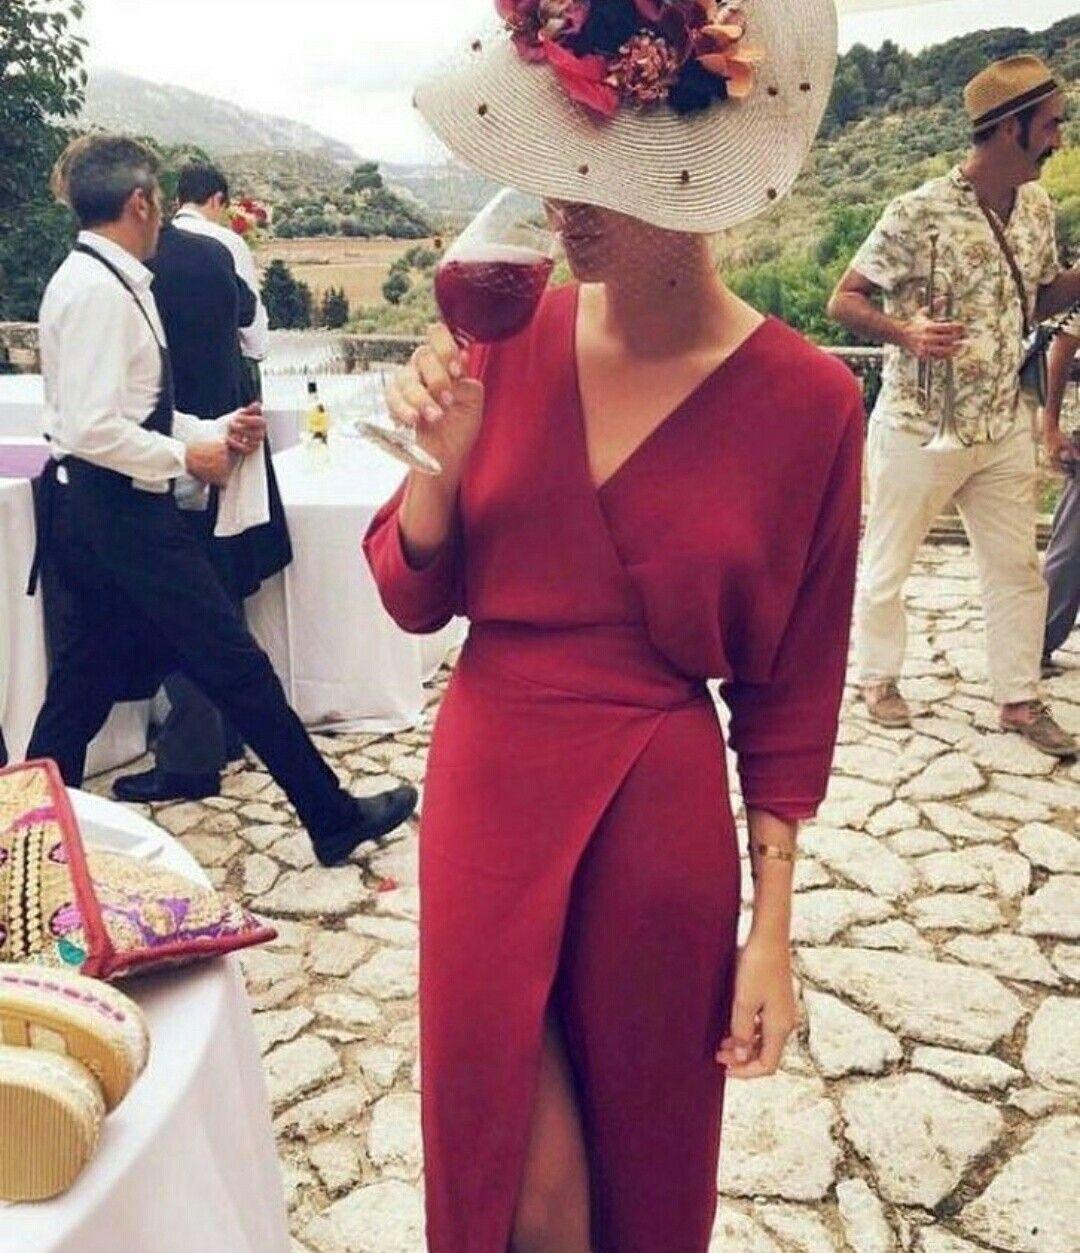 Pin von Jessica Pulsfort auf Fashion Style   Pinterest